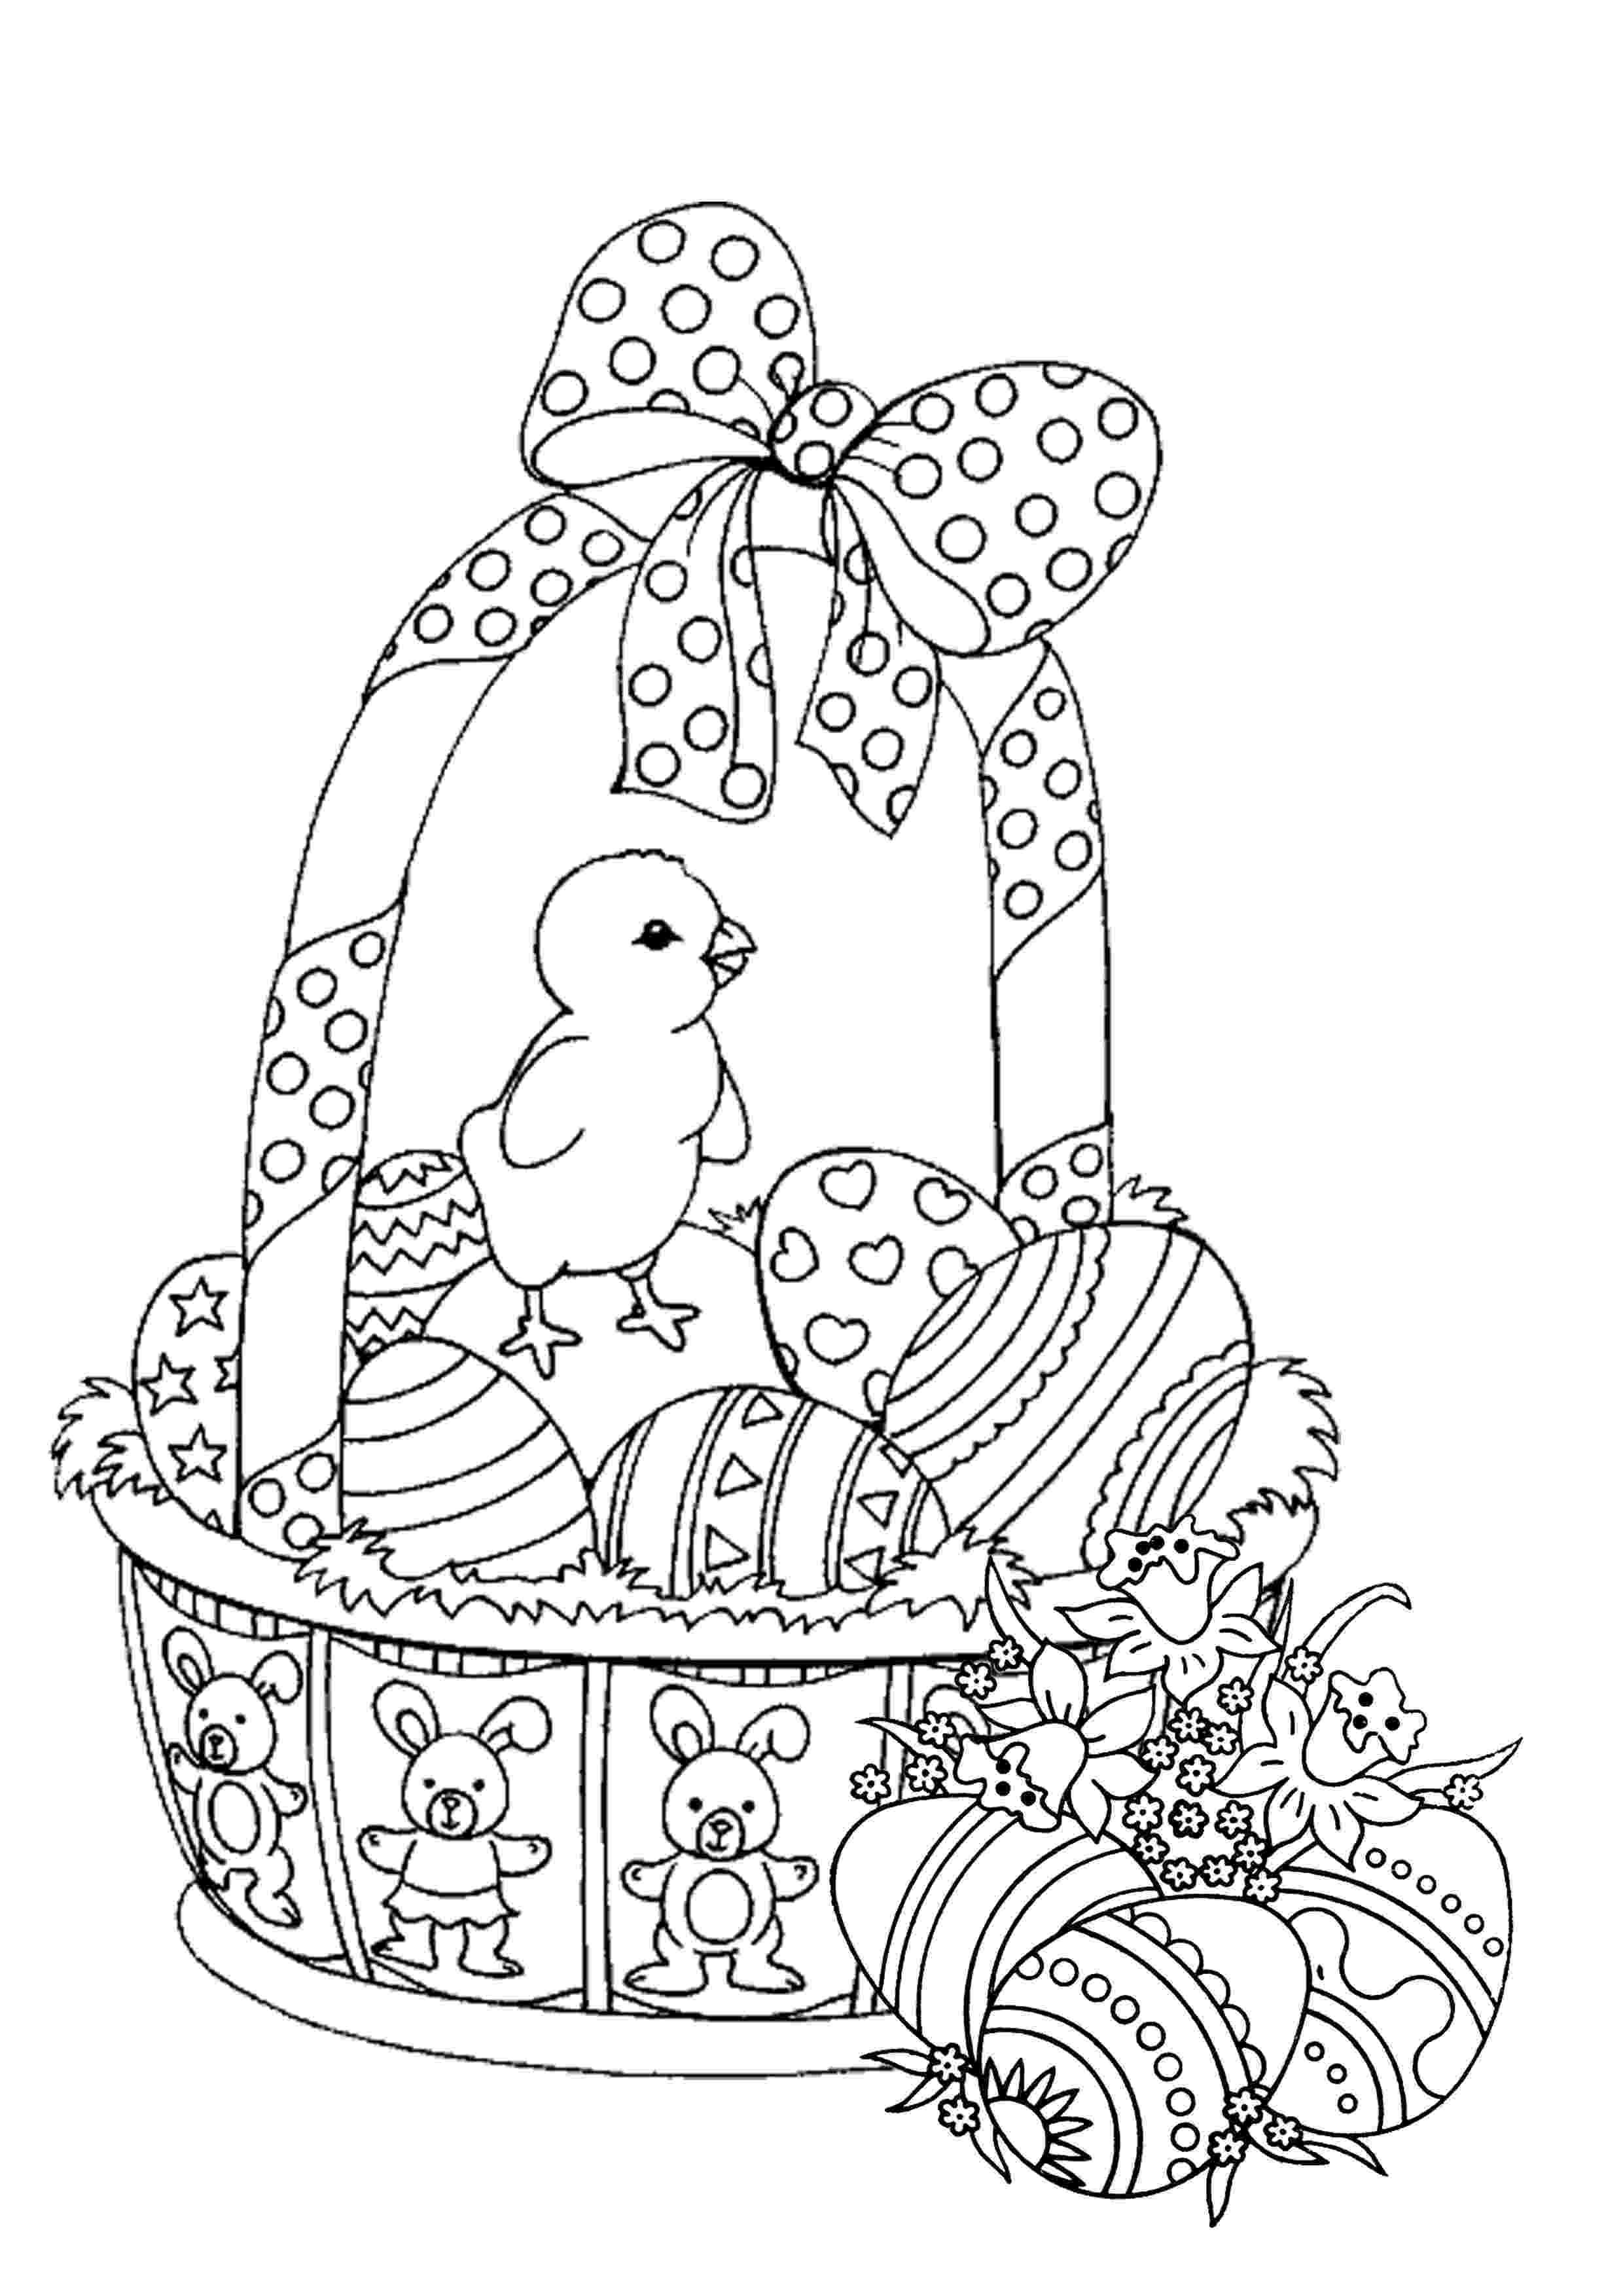 easter basket coloring sheet 16 free printable easter coloring pages for kids sheet basket easter coloring